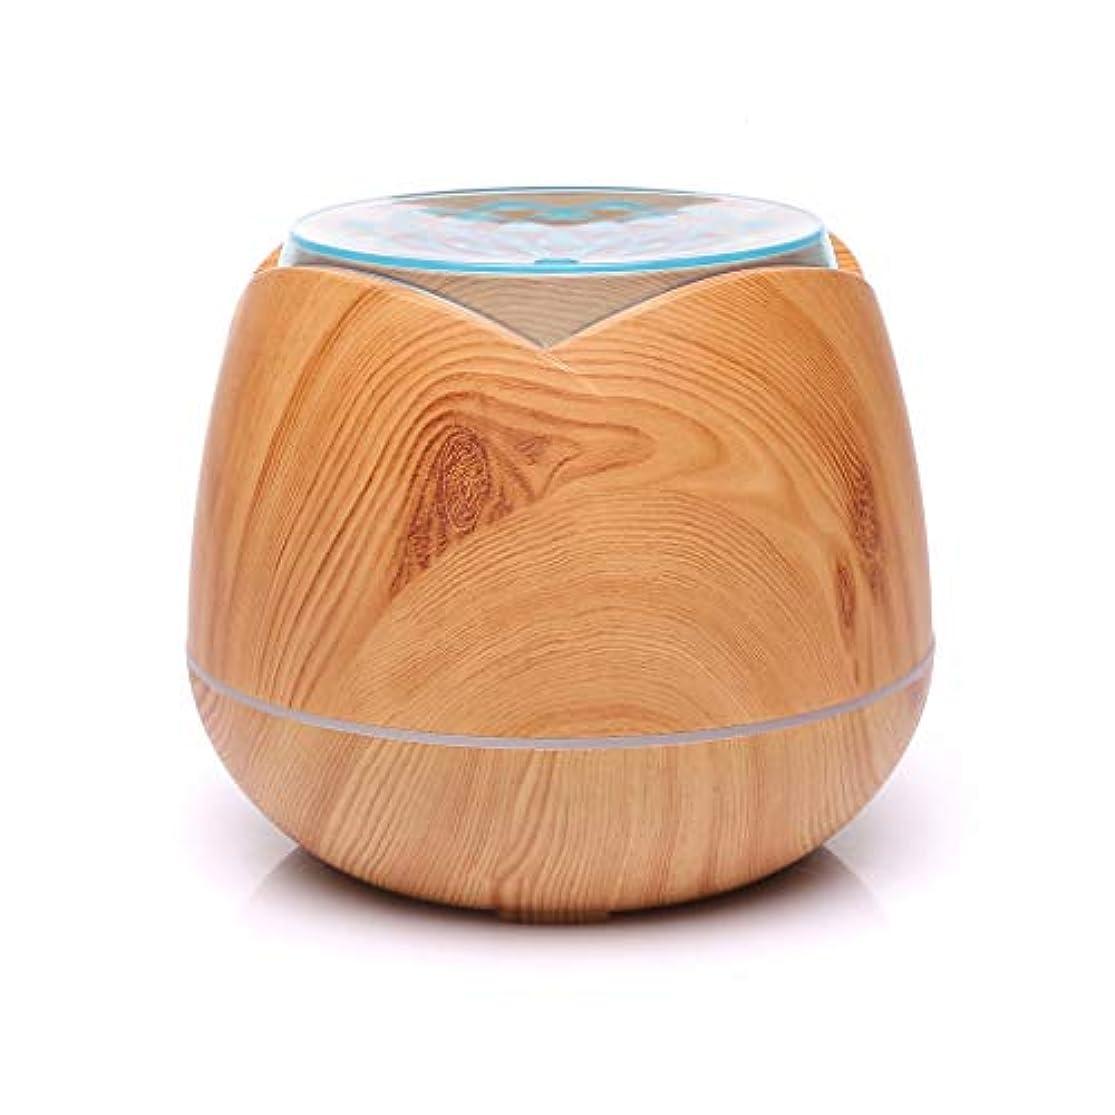 誰でもマーキング宴会涼しい霧の空気加湿器、家、ヨガ、オフィス、鉱泉、寝室のために変わる色LEDライトと超音波400ml - 木目 - (Color : Light wood grain)